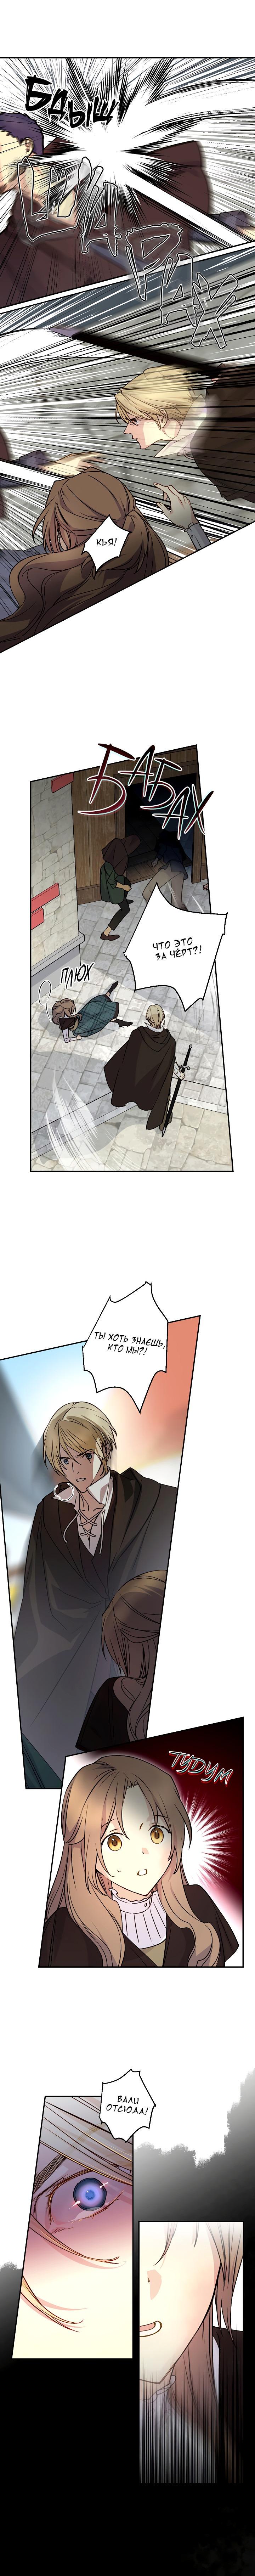 Манга Способная горничная / Capable maid  - Том 1 Глава 31 Страница 7